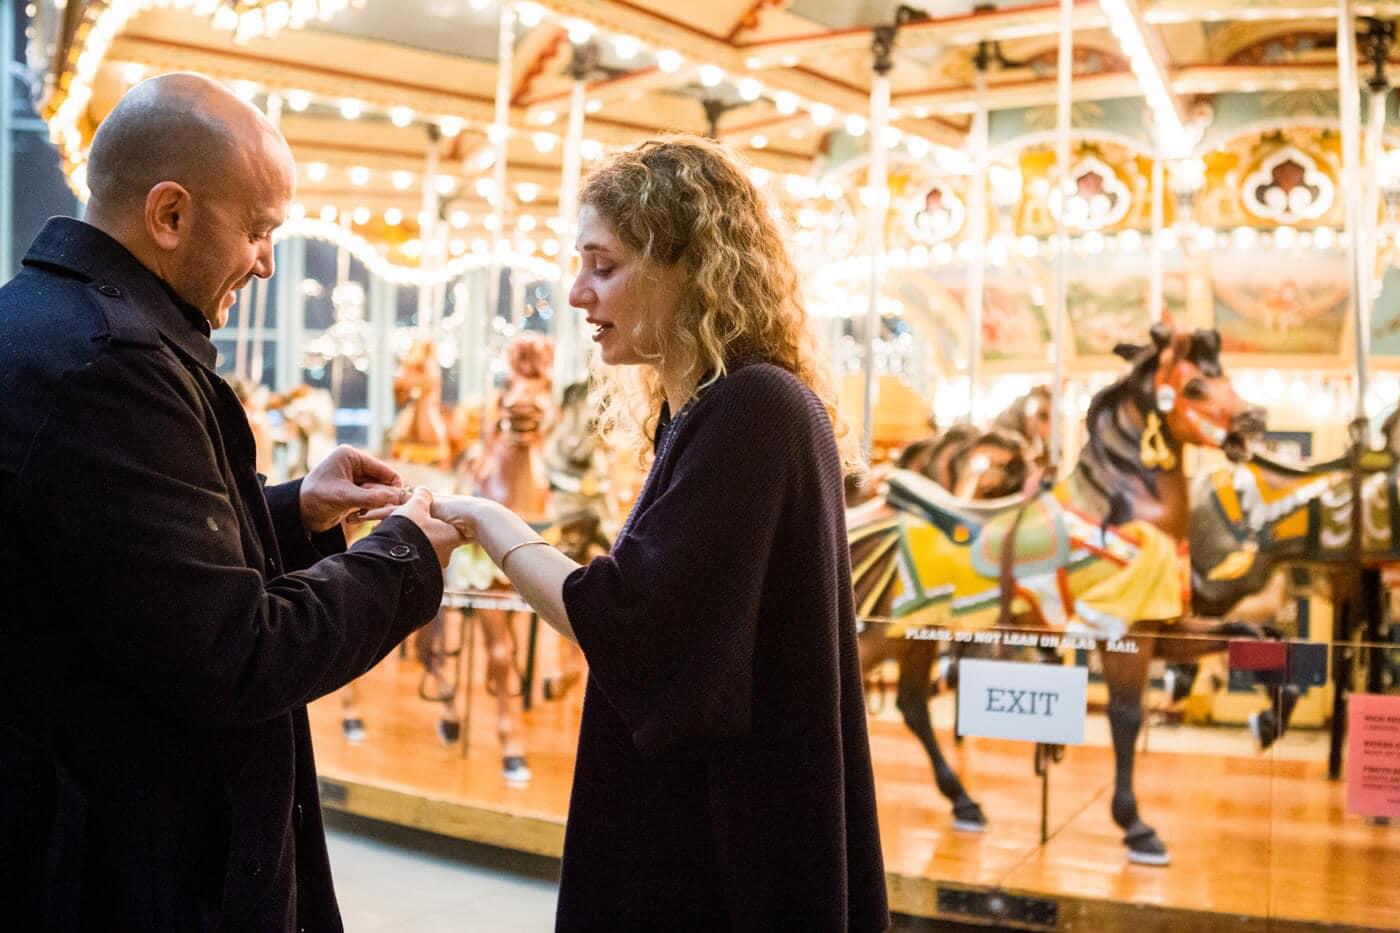 Janes Carousel Proposal